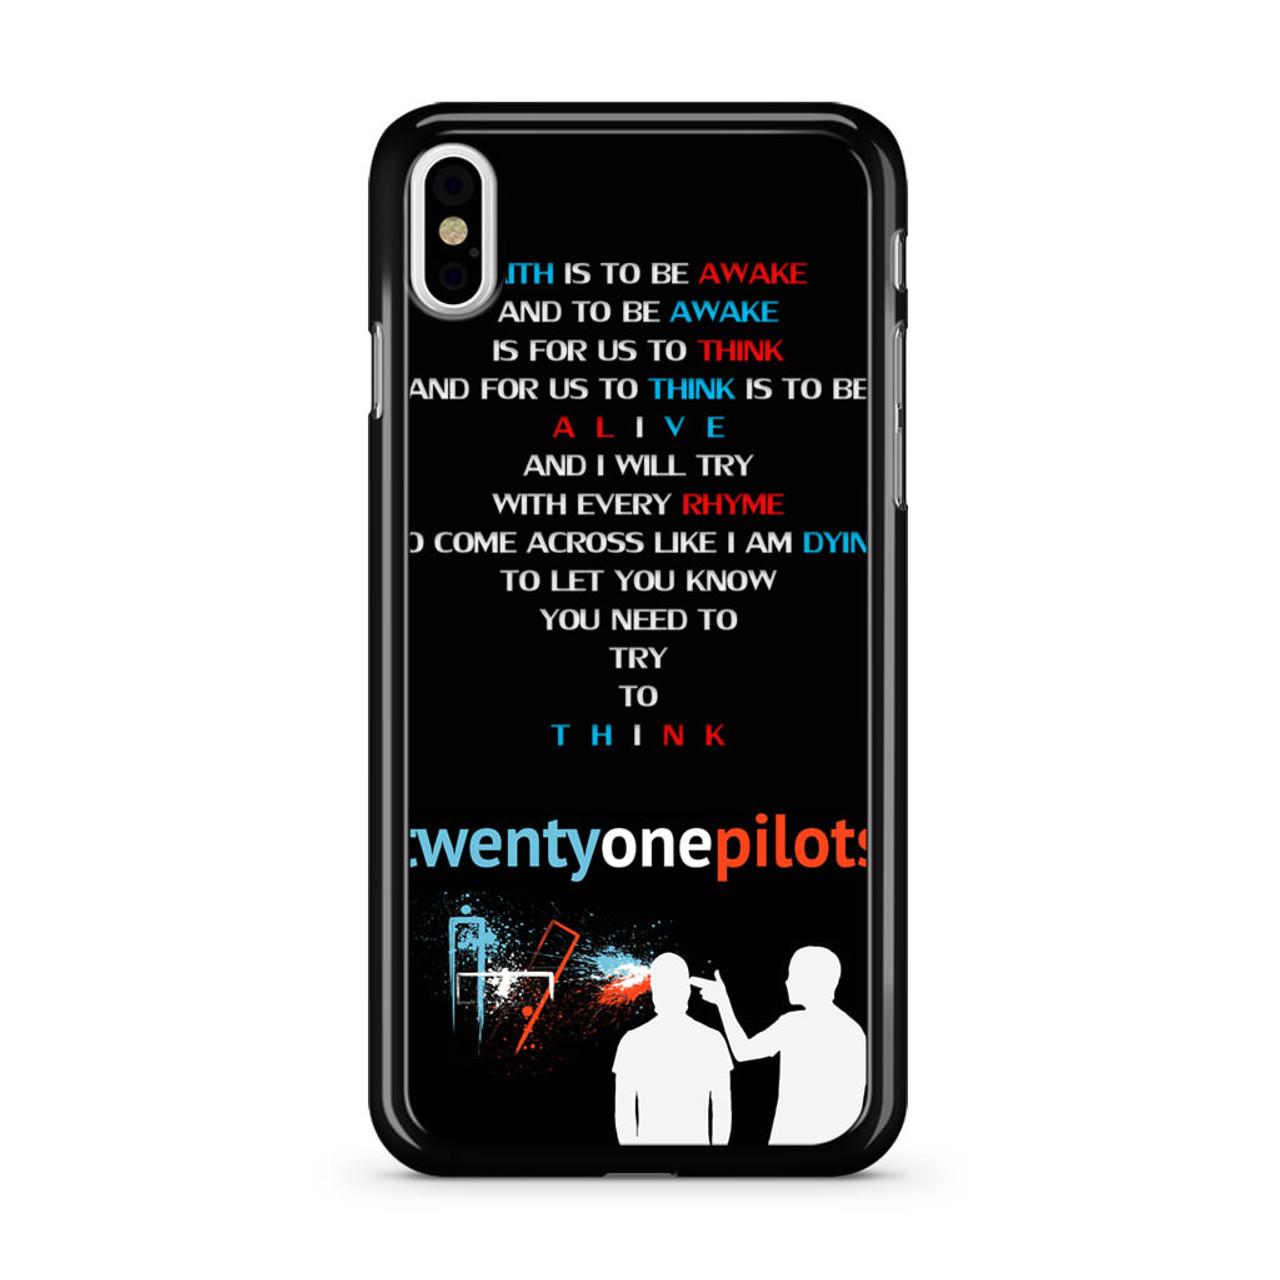 Twenty One Pilots - Car Radio Lyrics iPhone X Case - CASESHUNTER